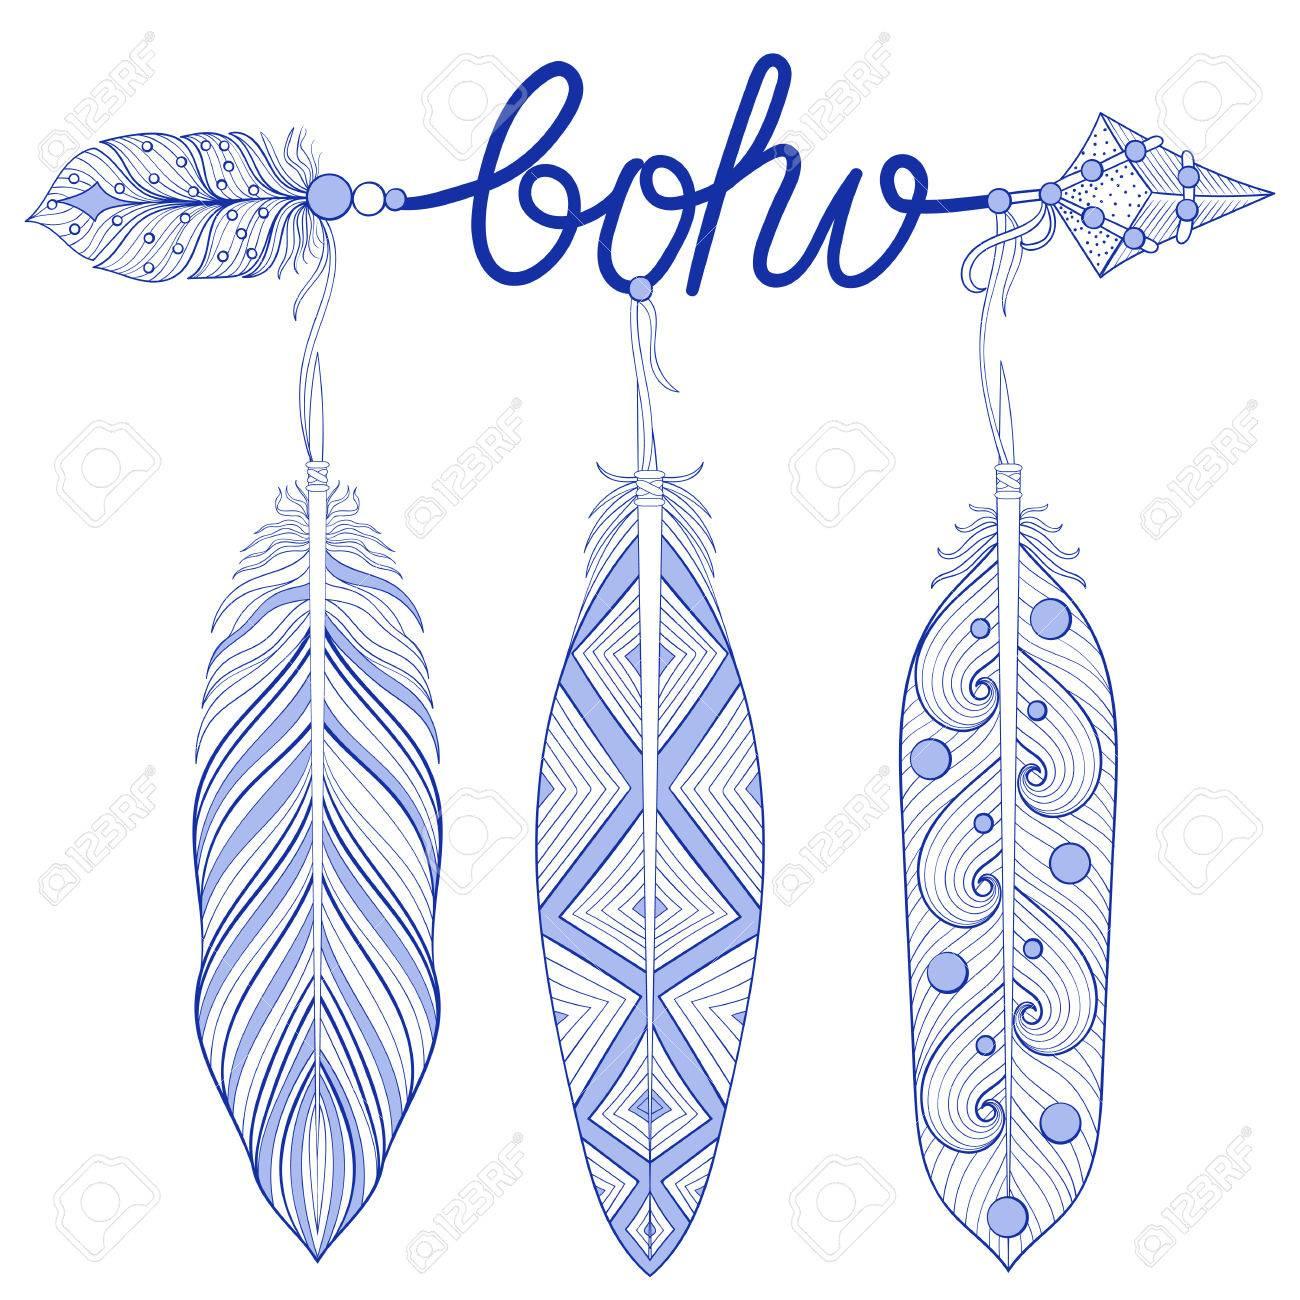 Flecha Azul De Bohemia, Amuleto, Letras Boho Con Plumas De Henna ...